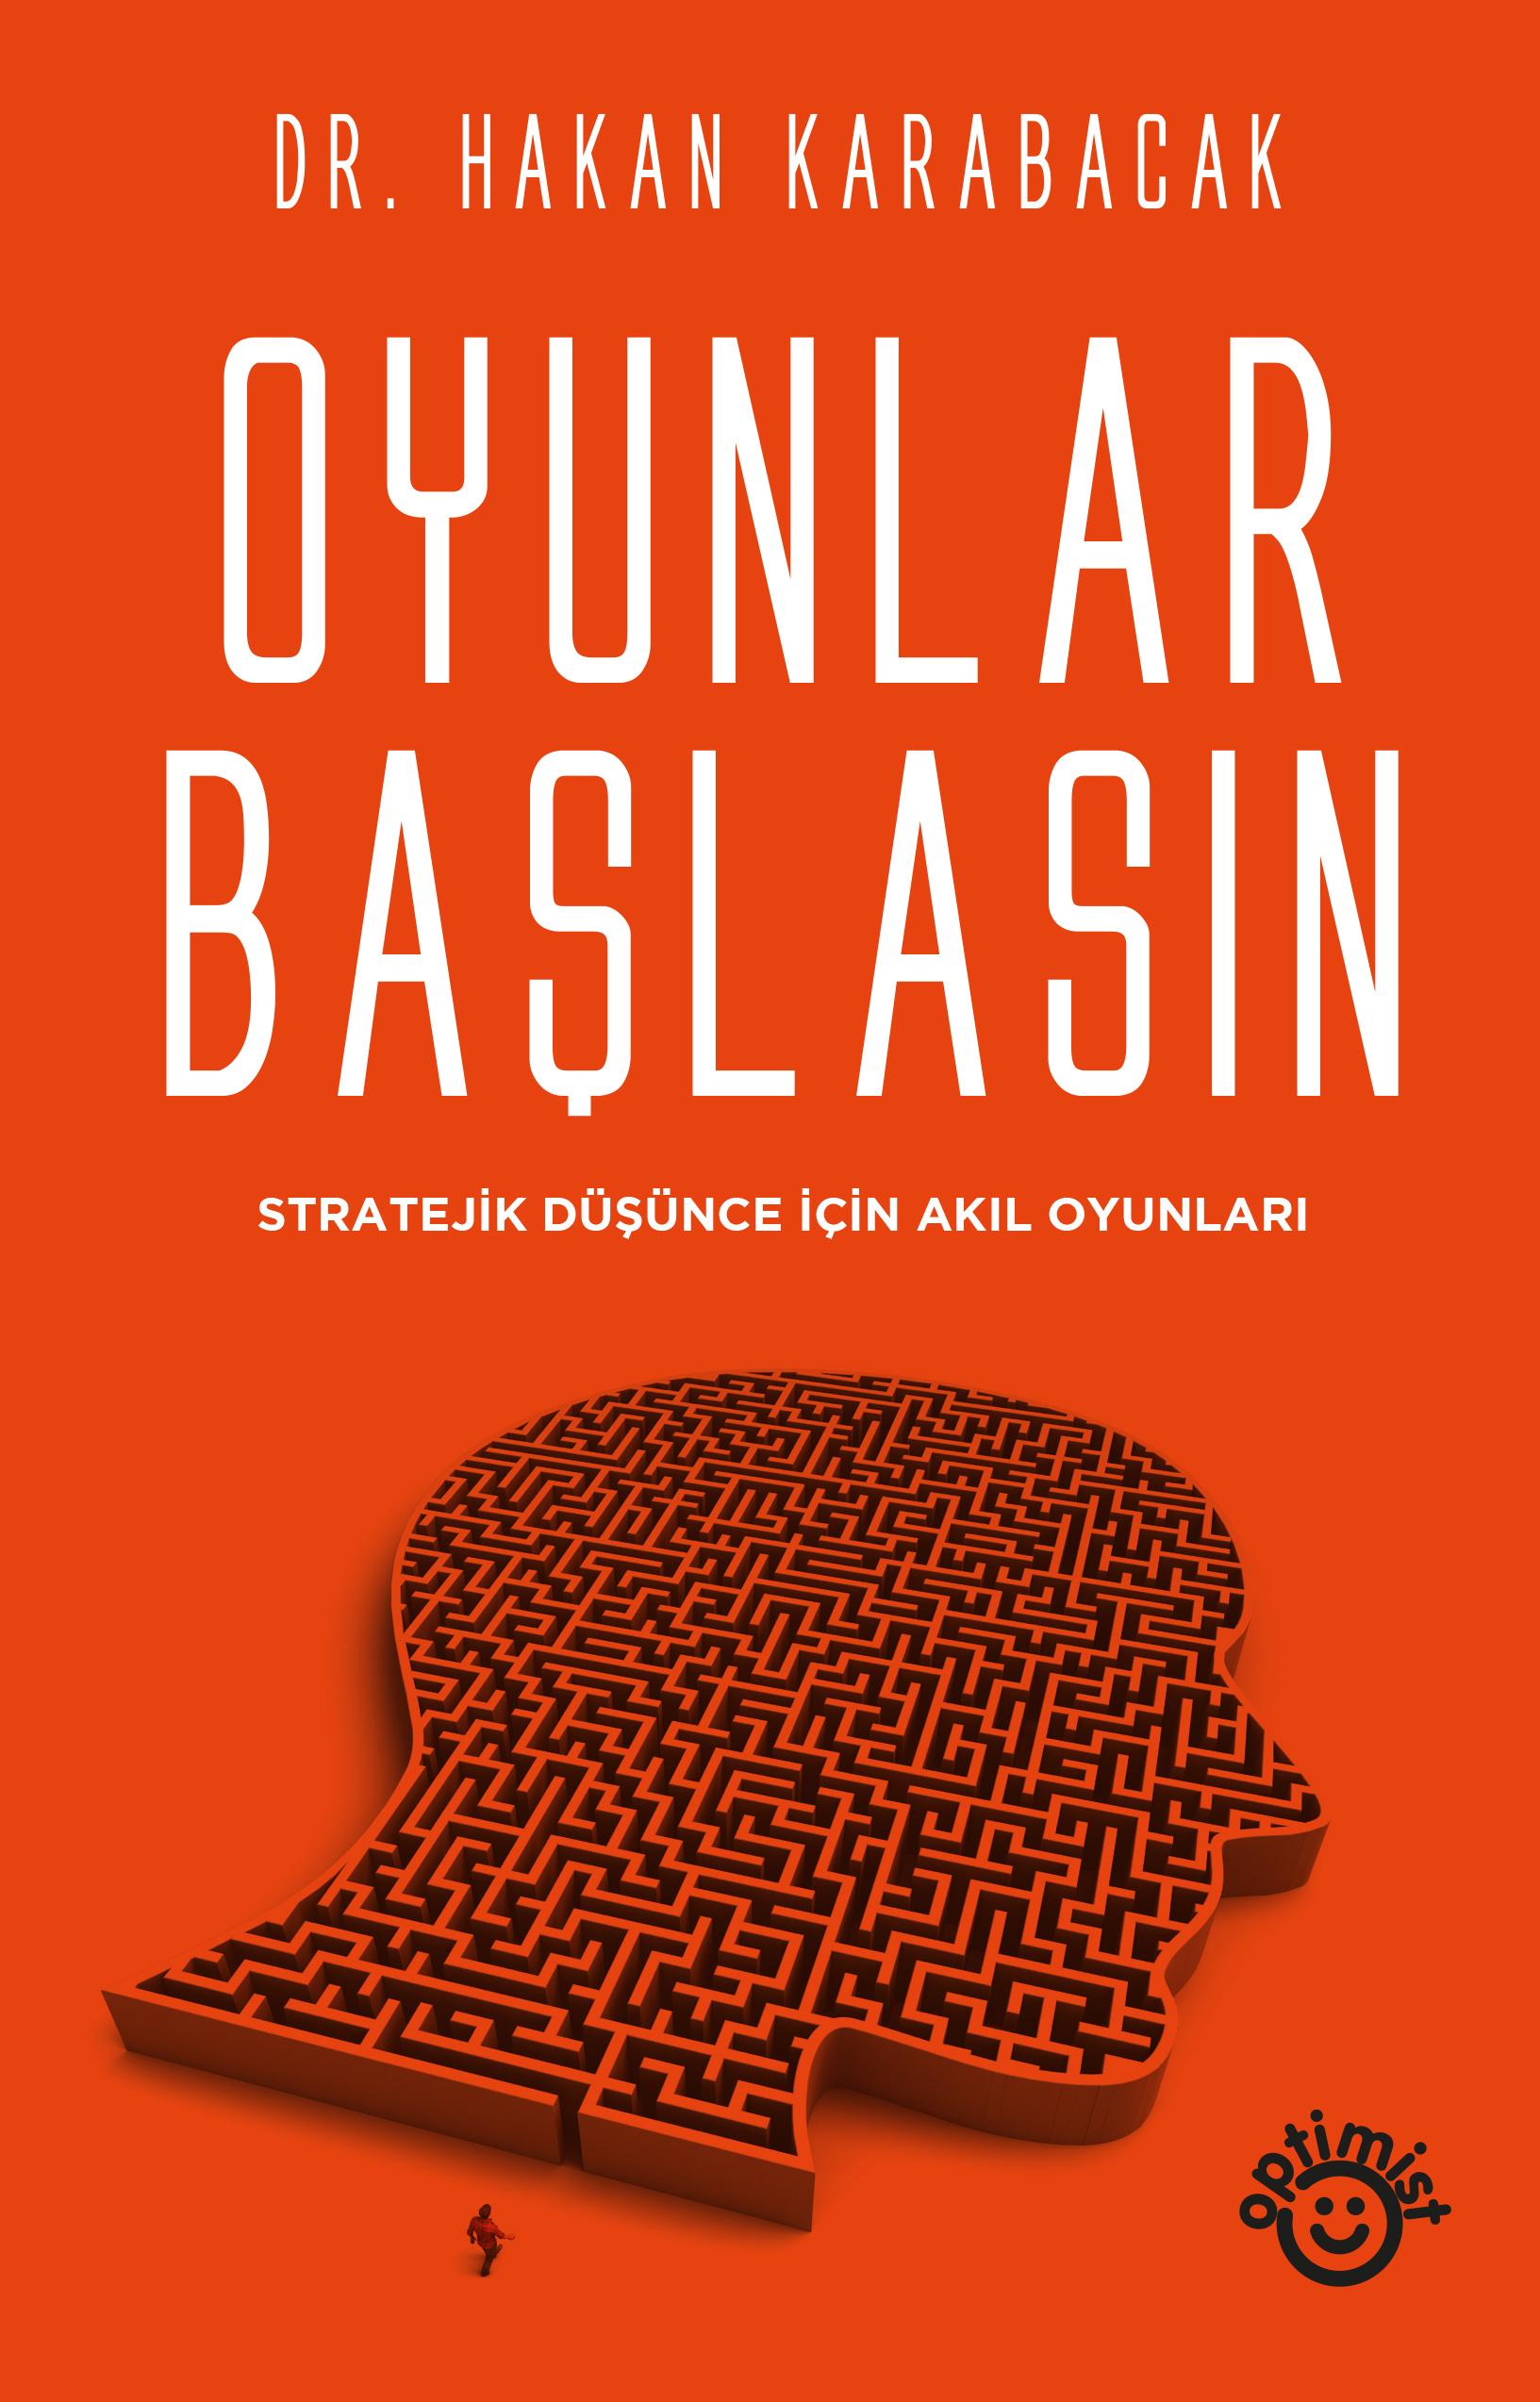 Oyunlar_Baslasin_Kapak-low